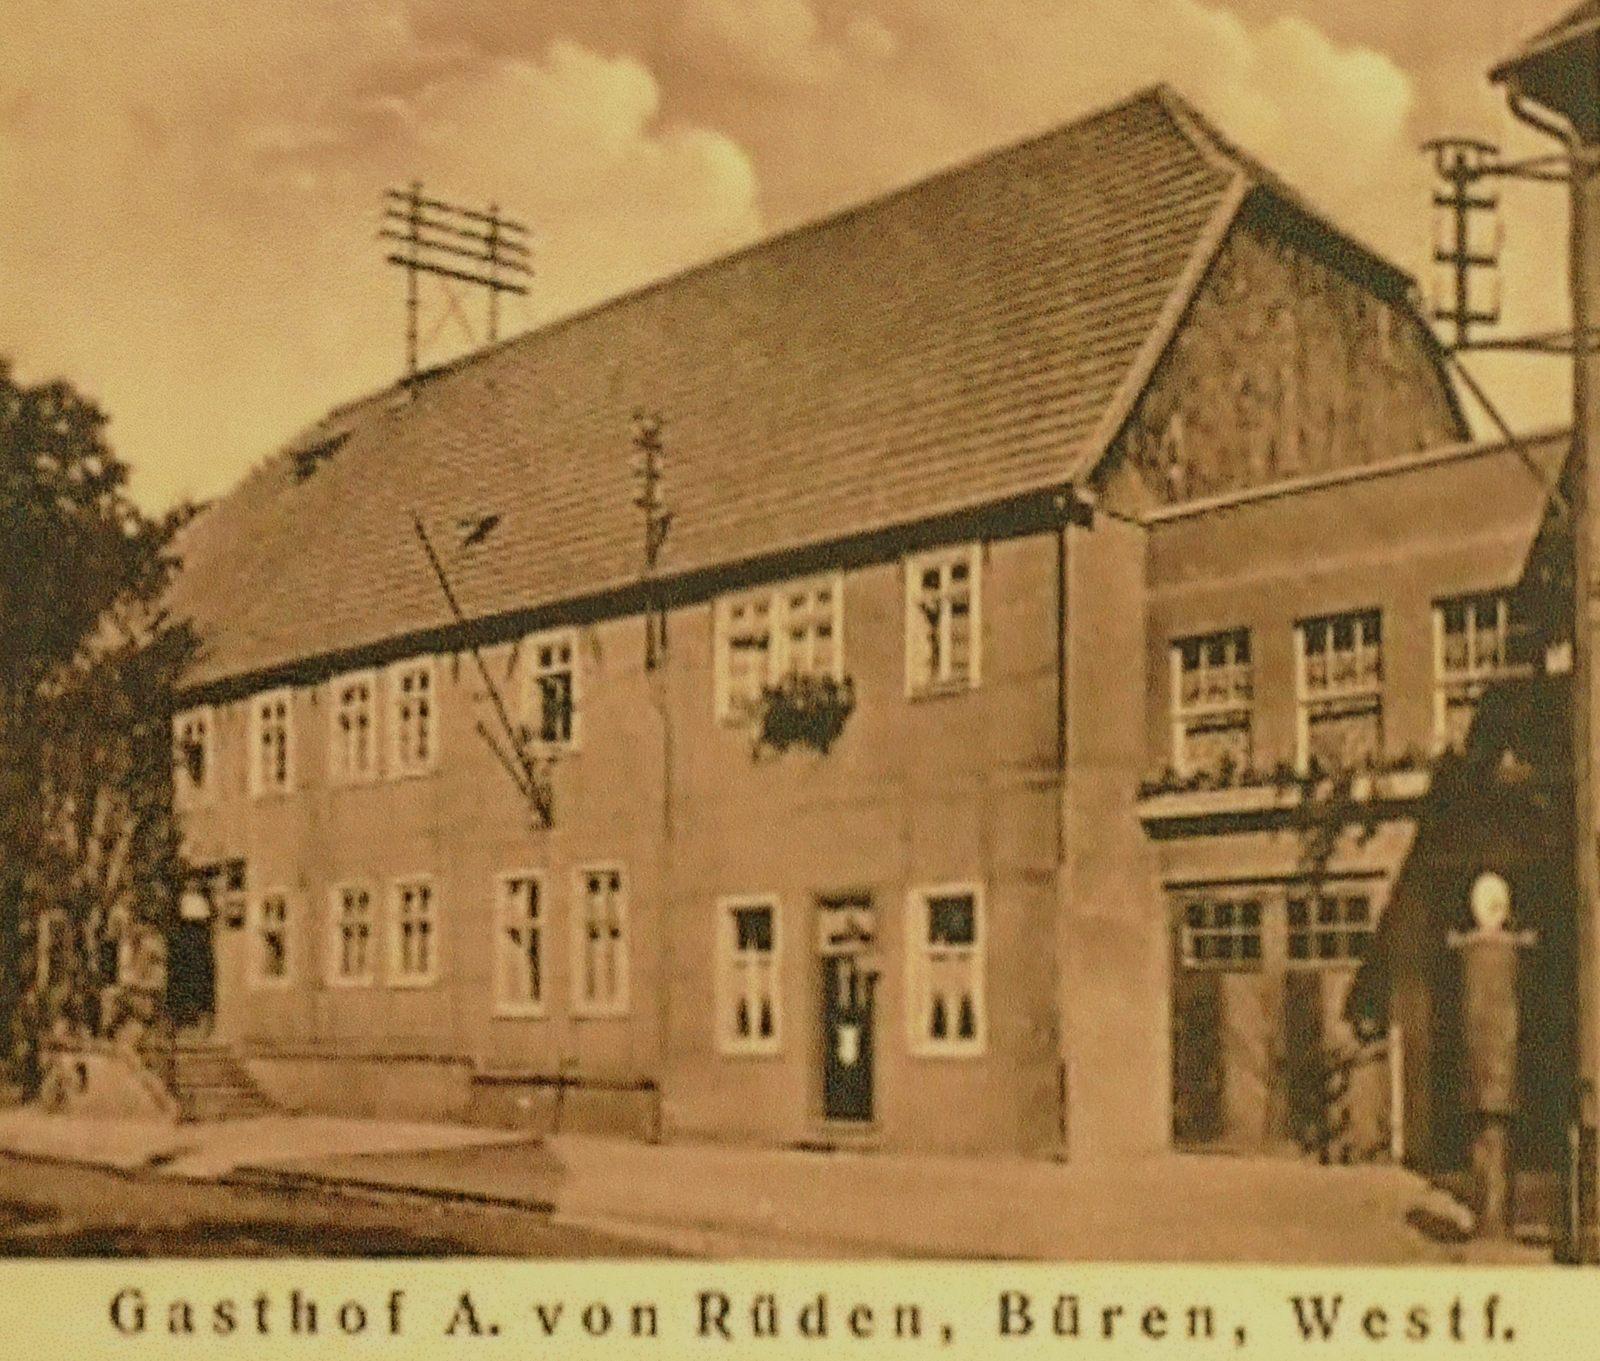 Gasthof von Rüden 1928